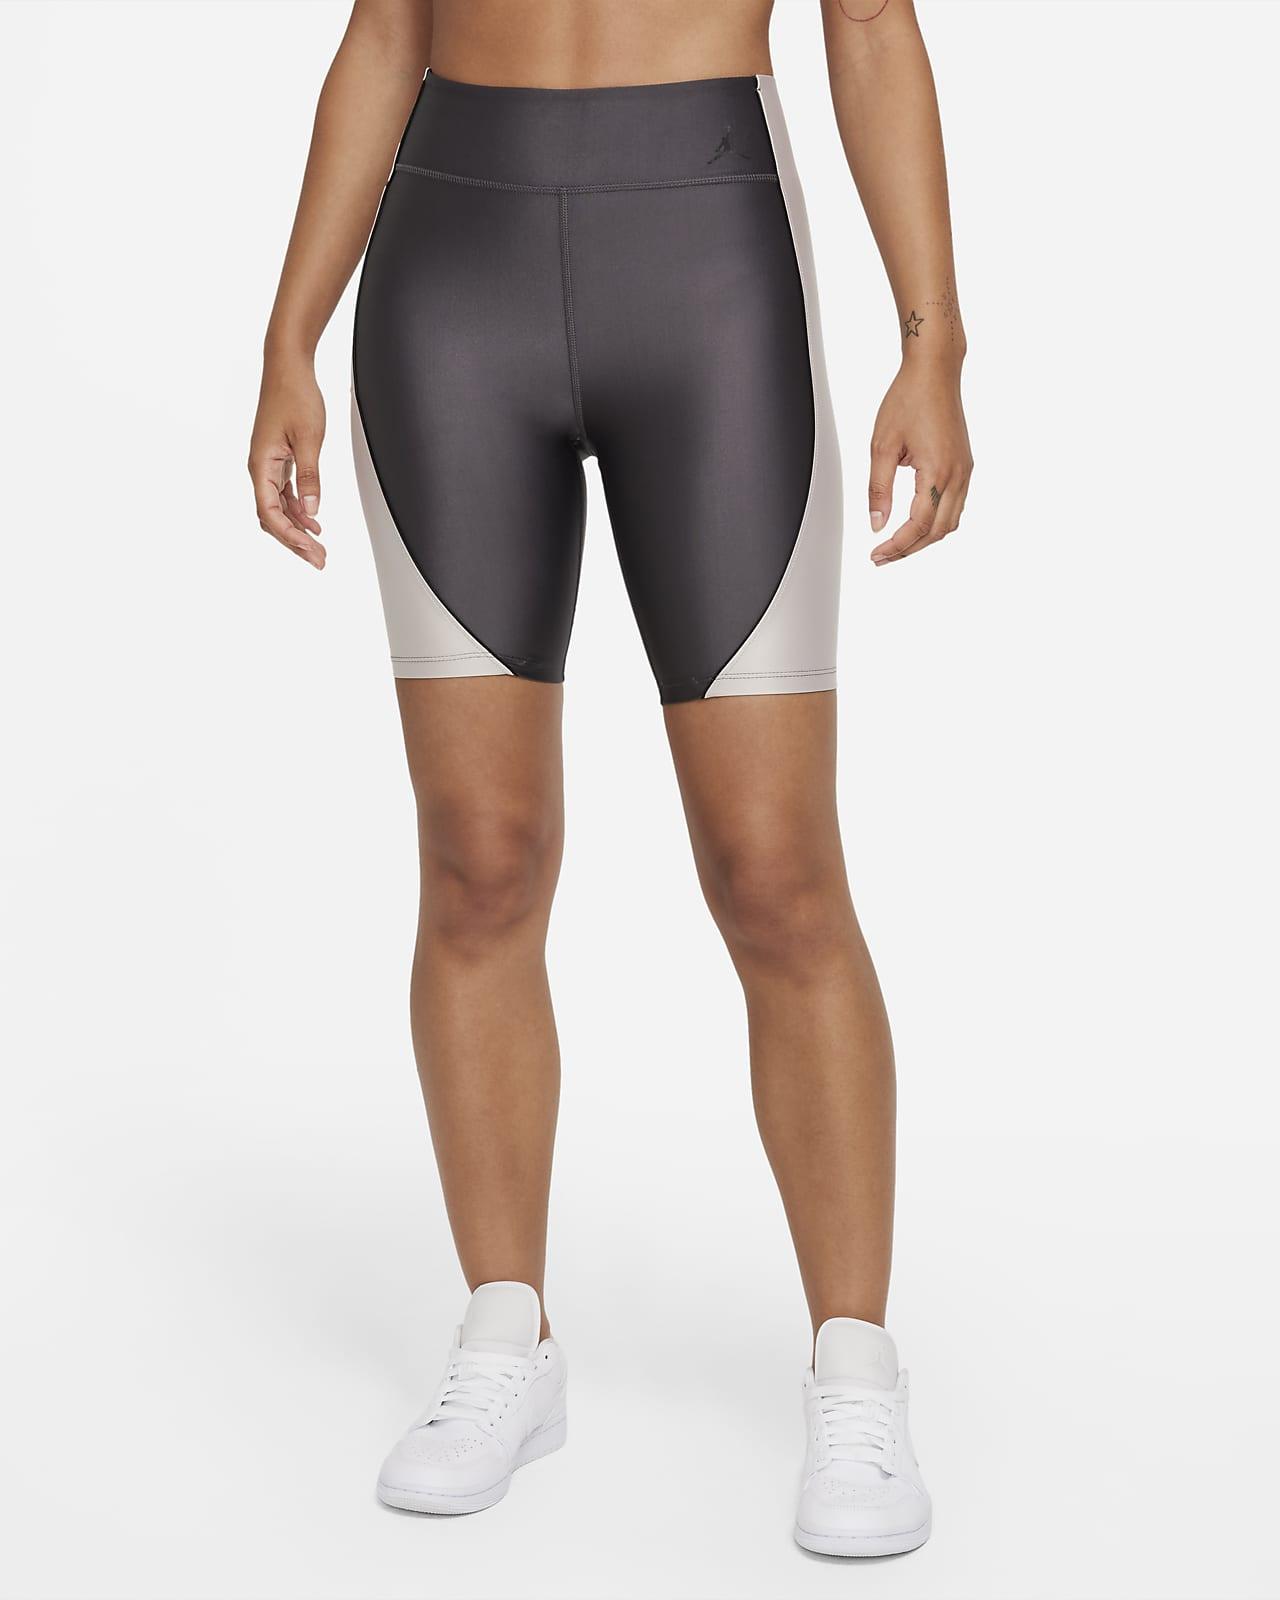 กางเกงปั่นจักรยานขาสั้นเอวปานกลางผู้หญิง Jordan Essentials